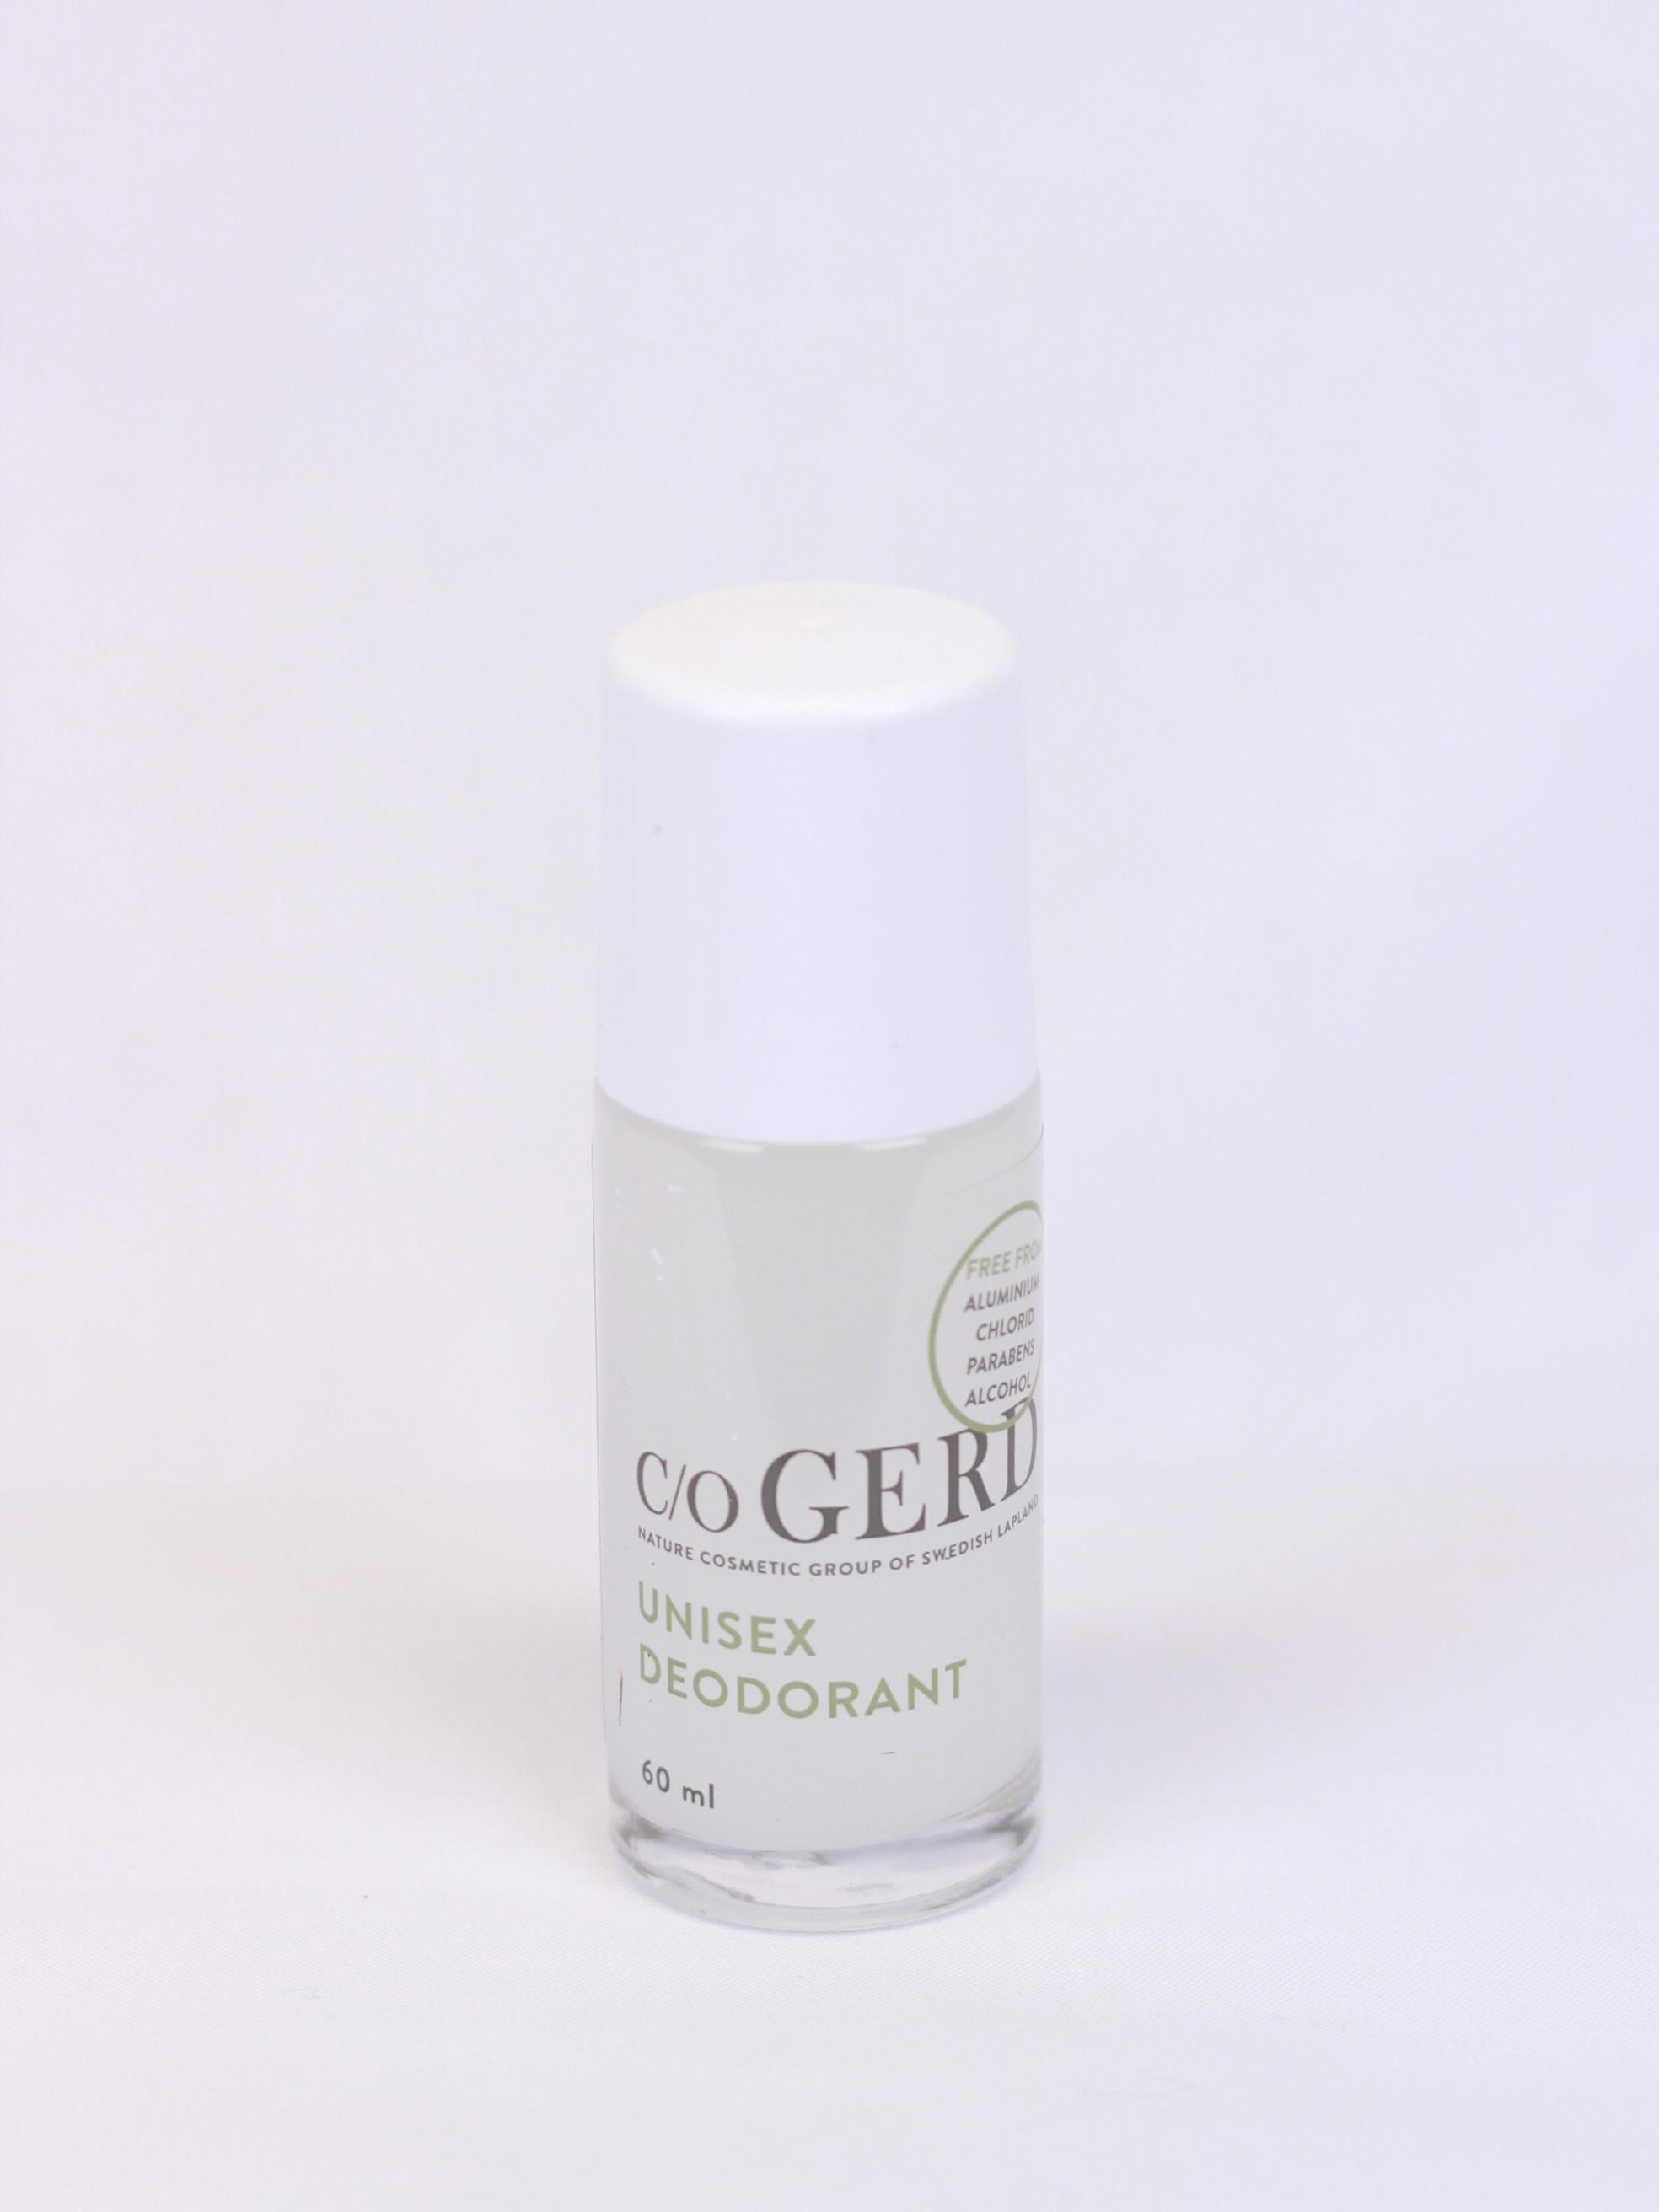 Deodorant Unisex